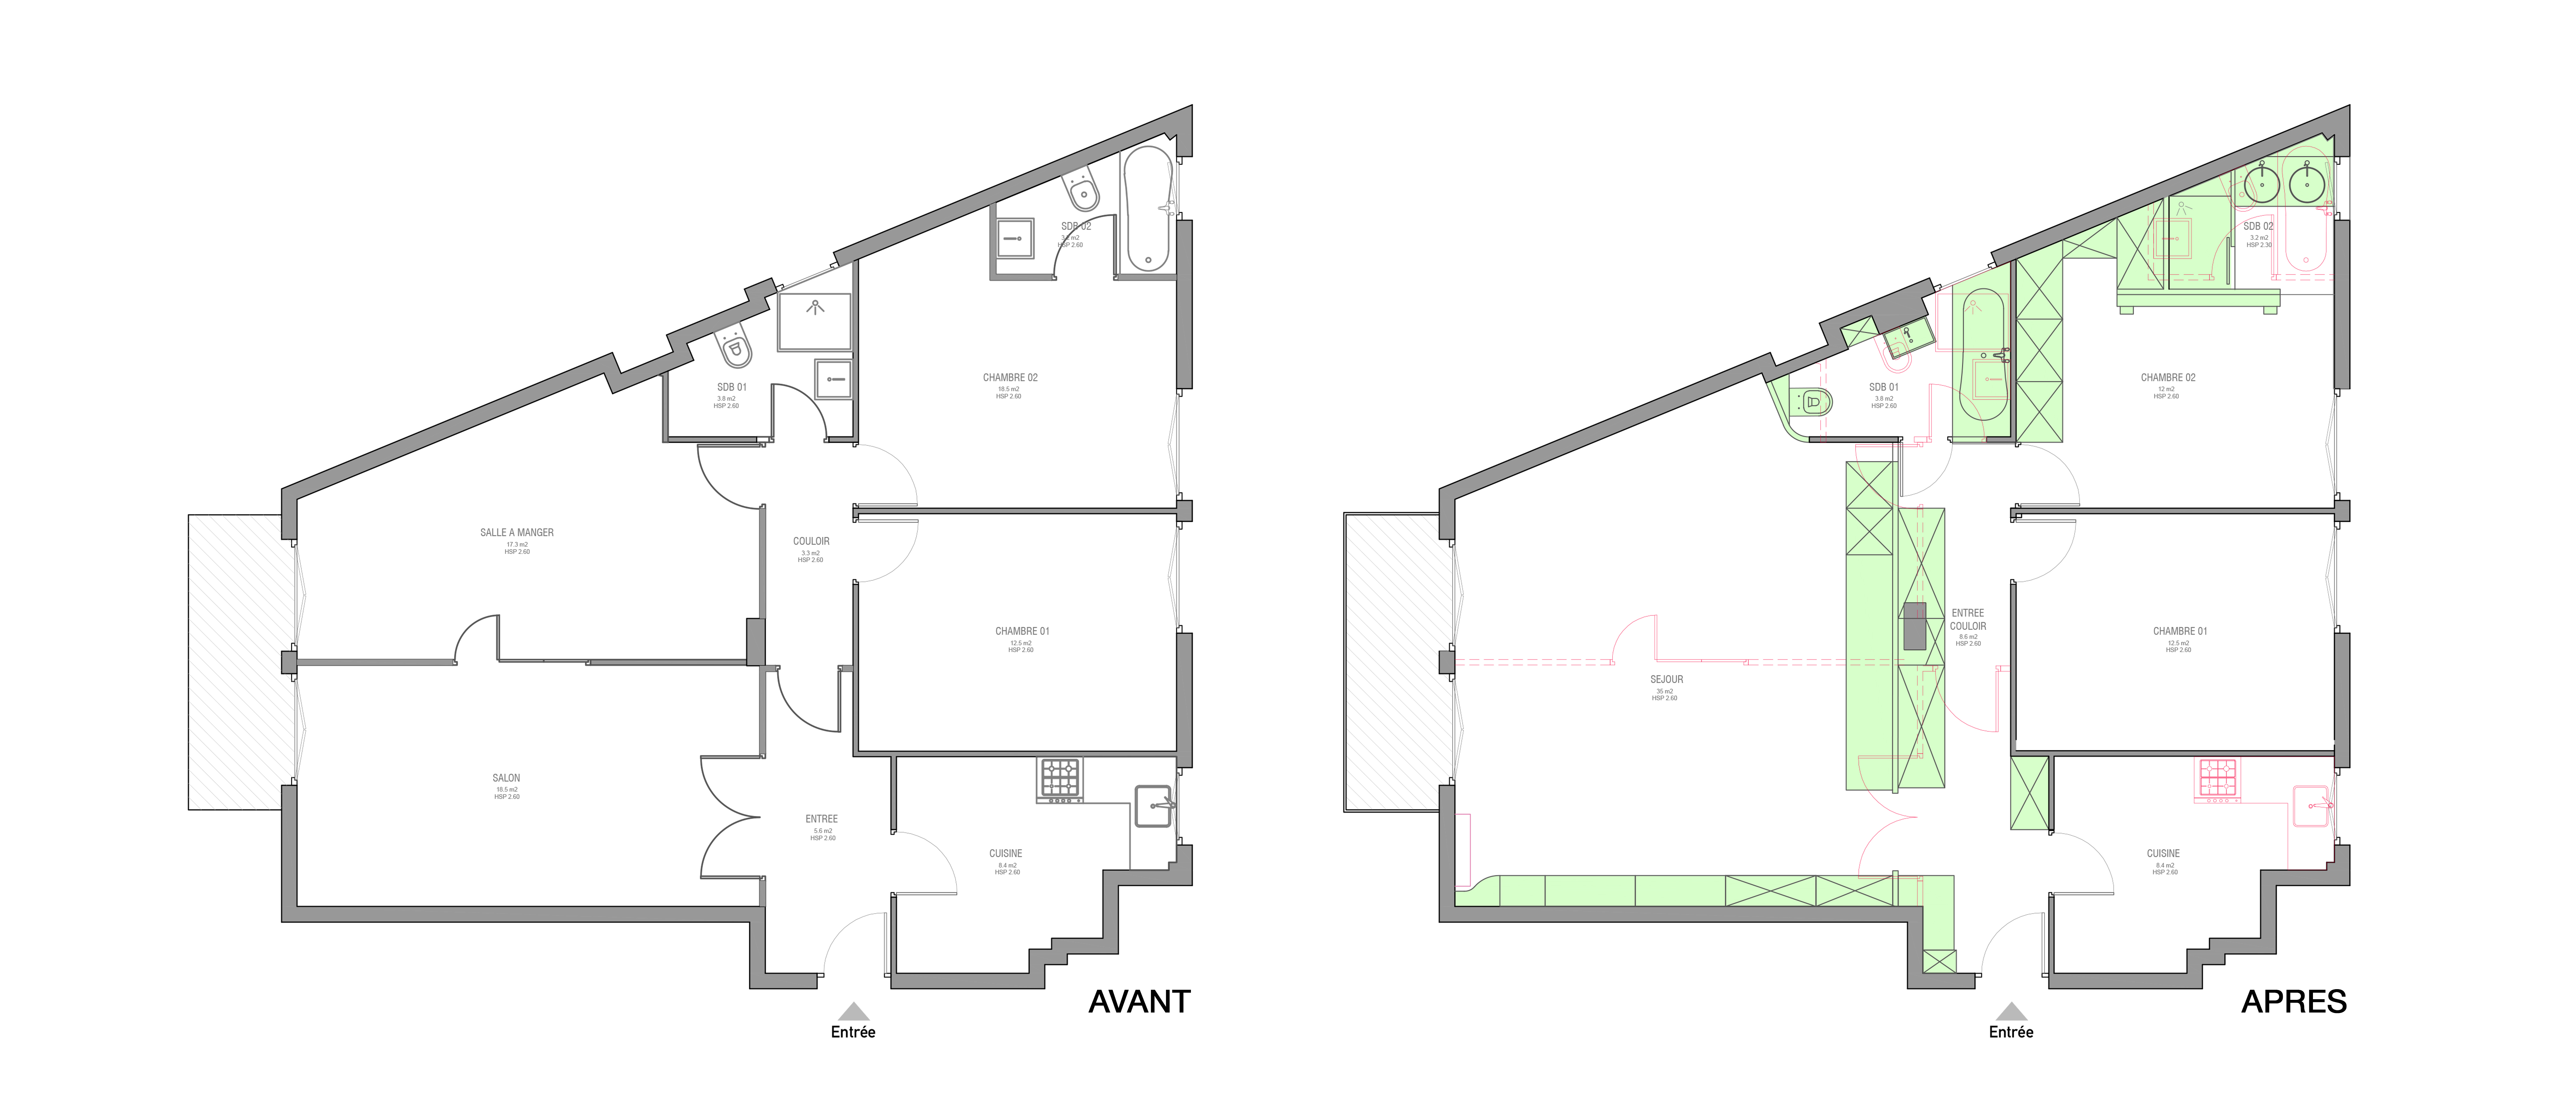 atelier-steve-appartement-est-renovation-architecture-interieure-paris-plan-avant-après